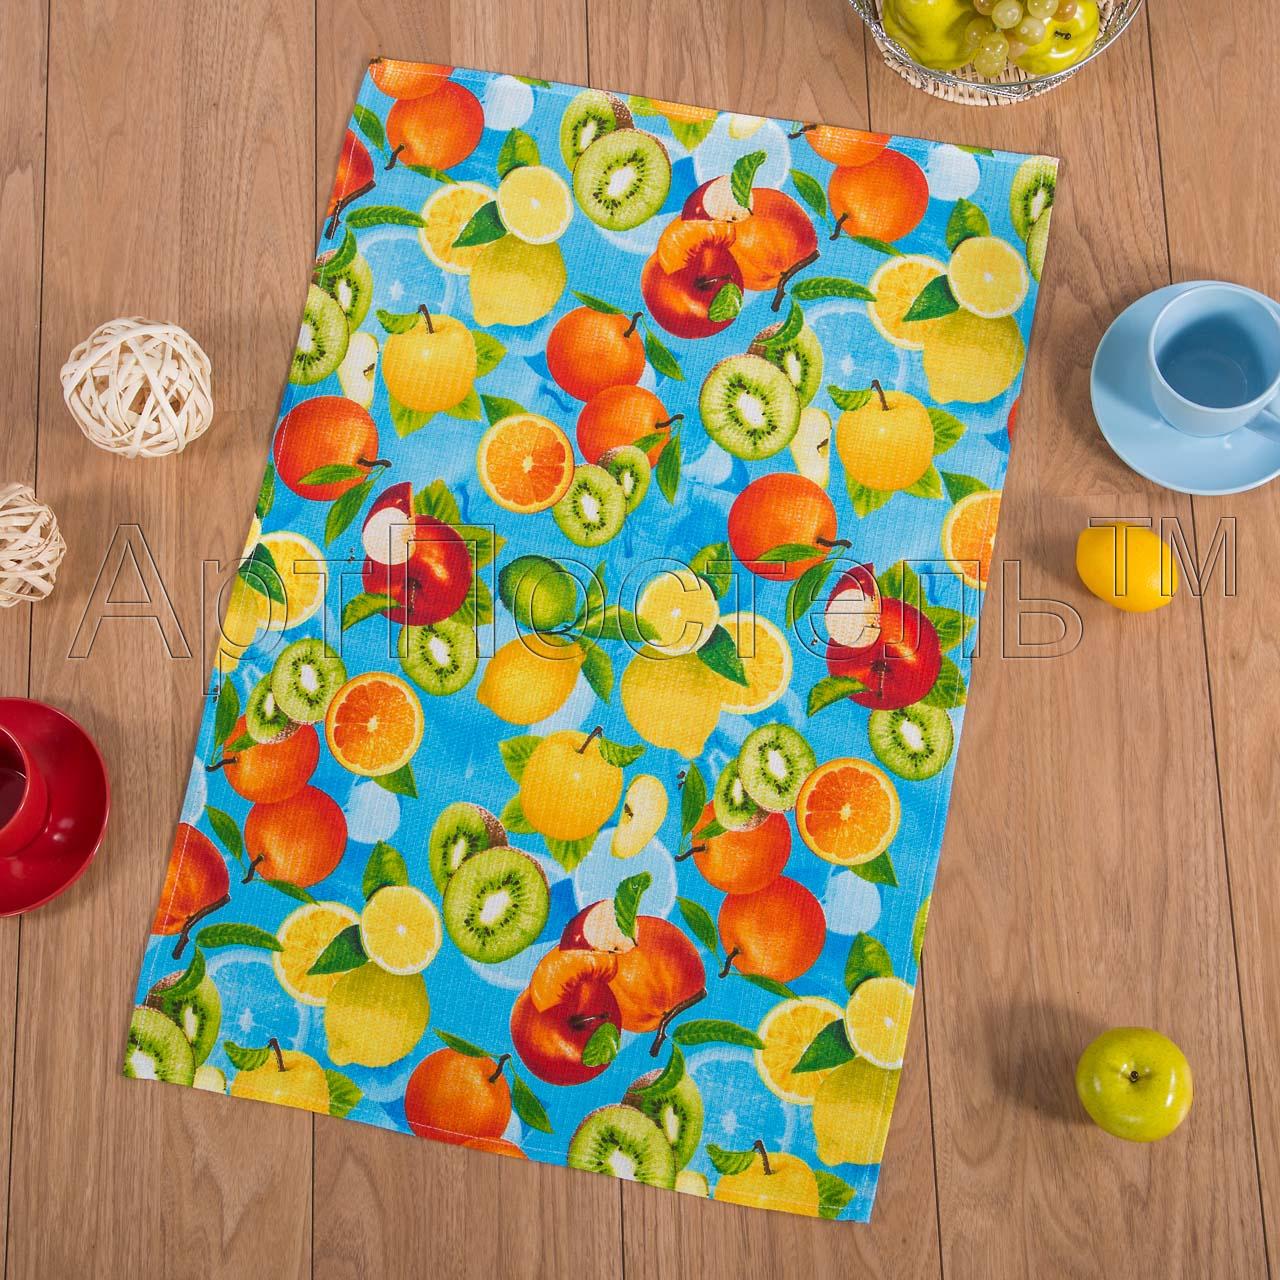 Вафельное полотенце Фрукты р. 80х150Вафельные полотенца<br>Плотность: 160 г/кв. м<br><br>Тип: Вафельное полотенце<br>Размер: 80х150<br>Материал: Вафельное полотно